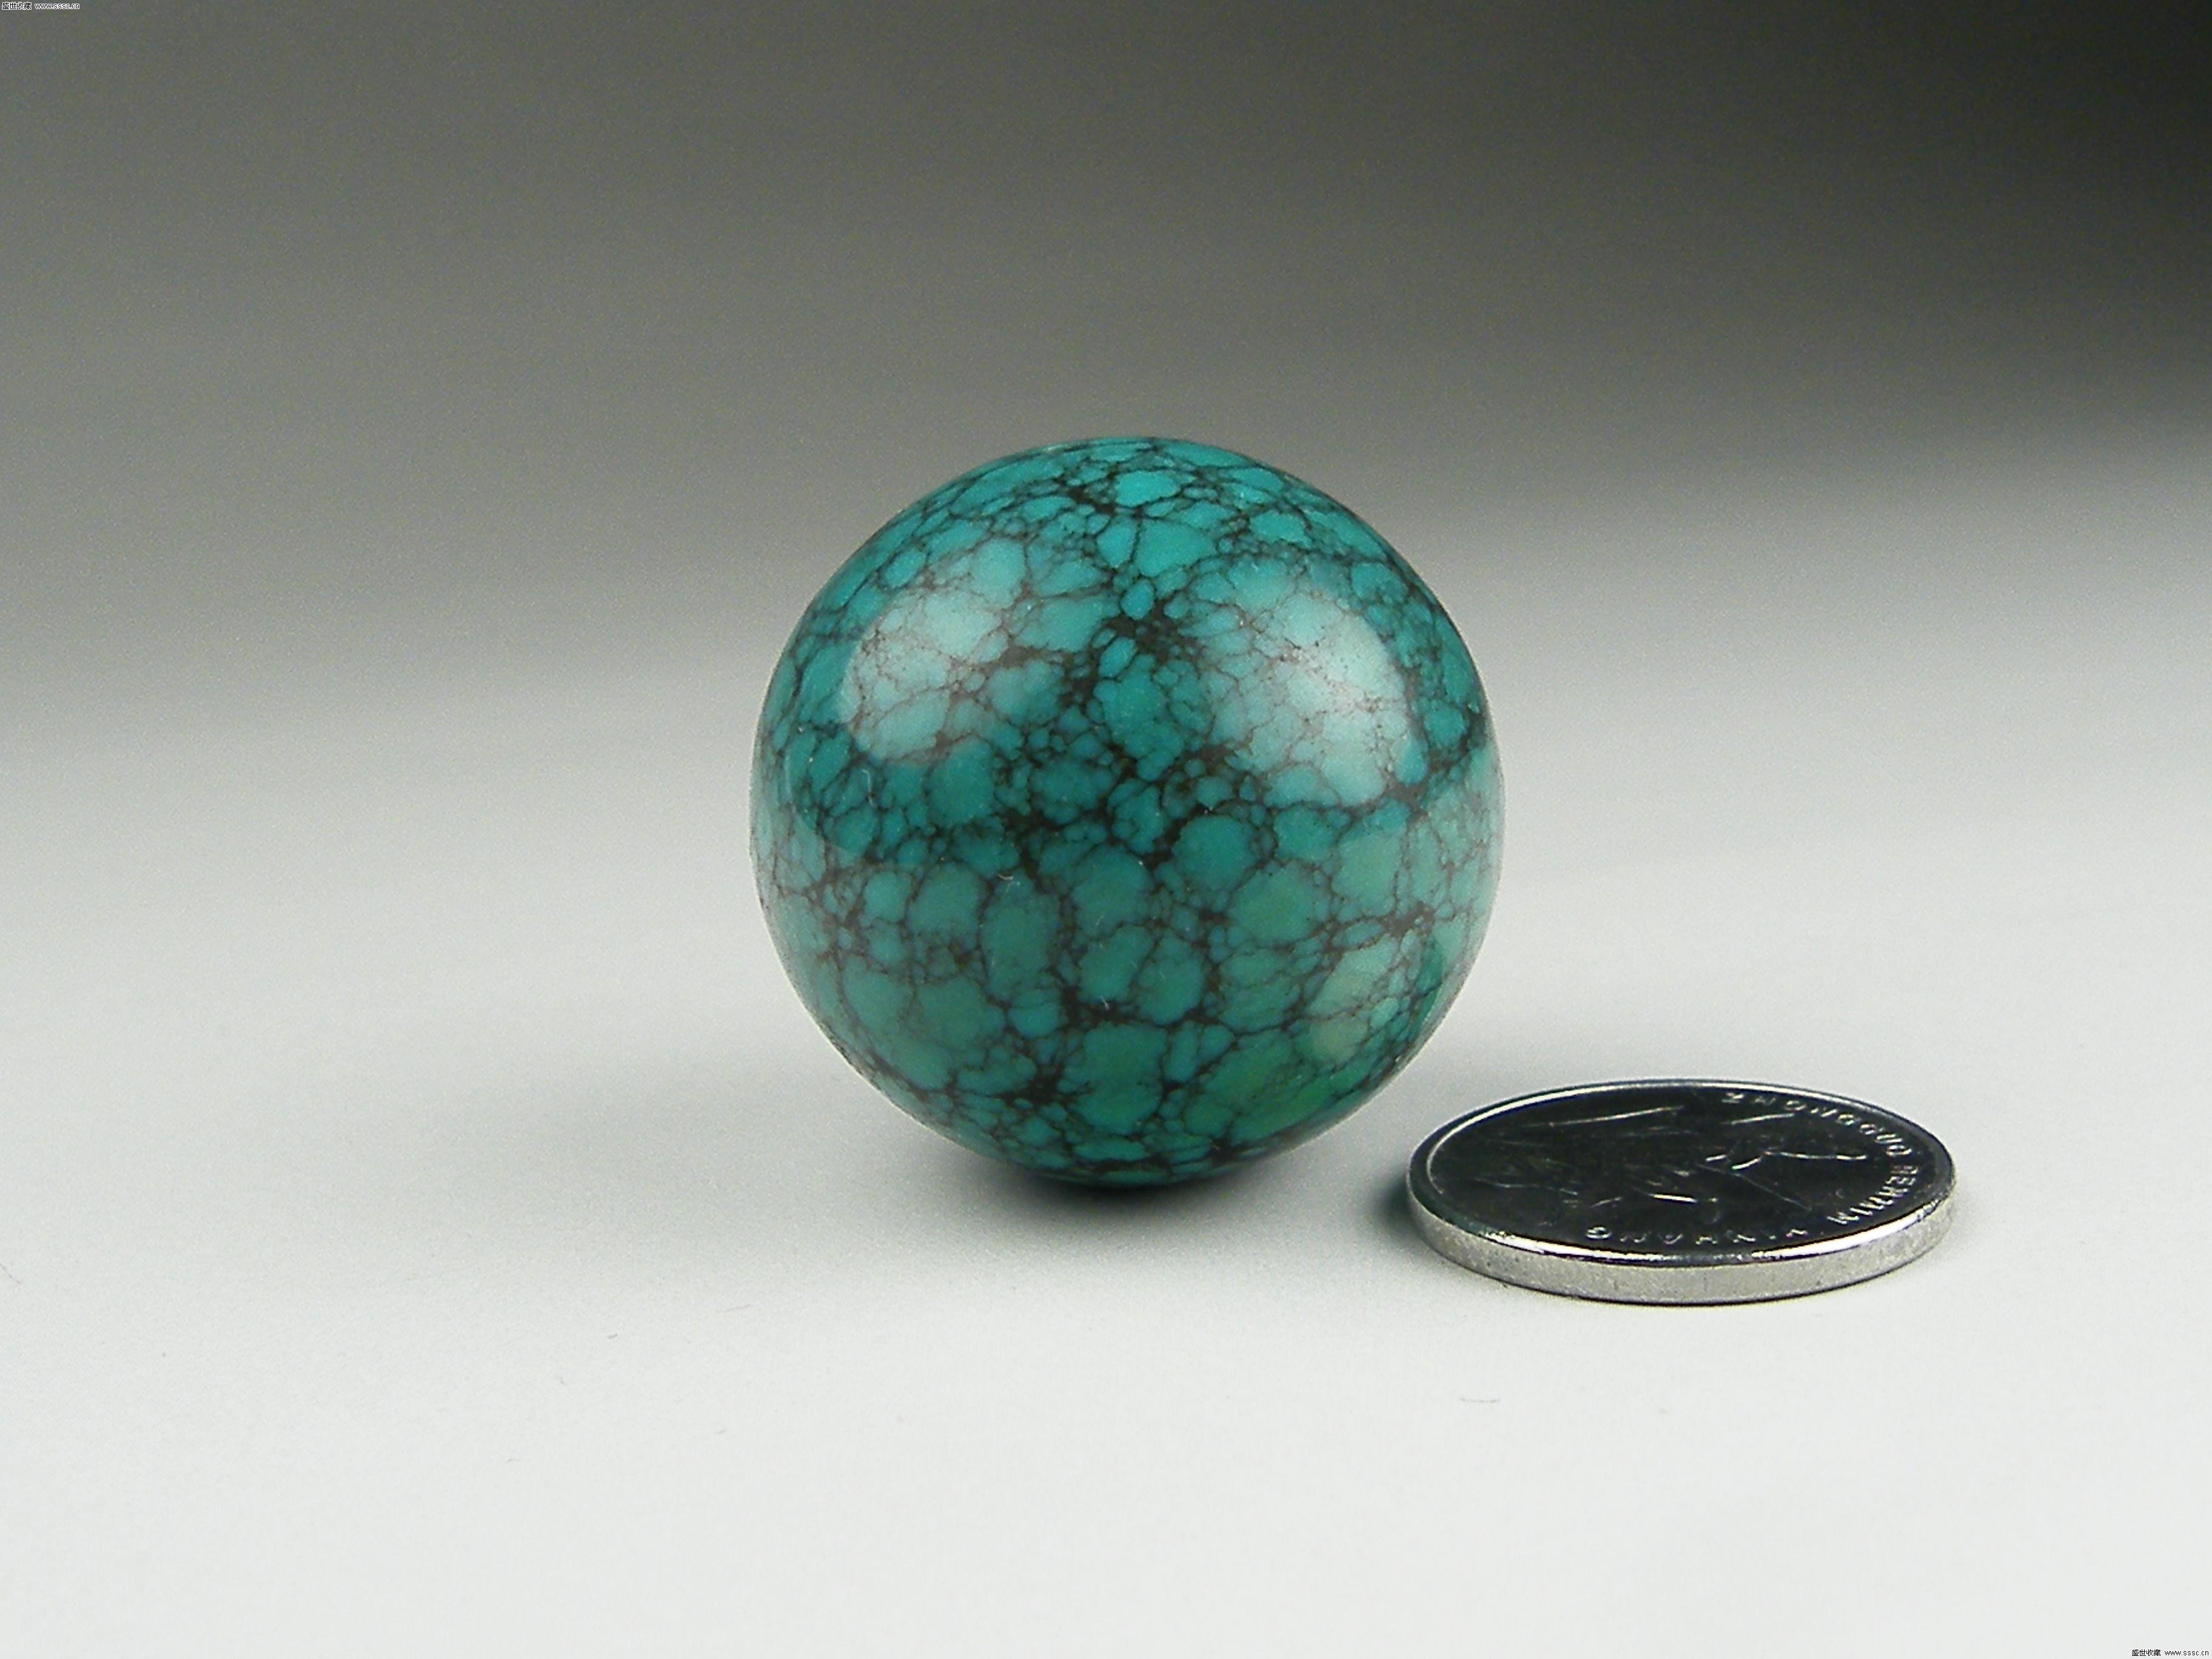 天然绿松石因其美丽的色泽和瑰丽的花纹,成为东方,西方共同喜爱的宝石